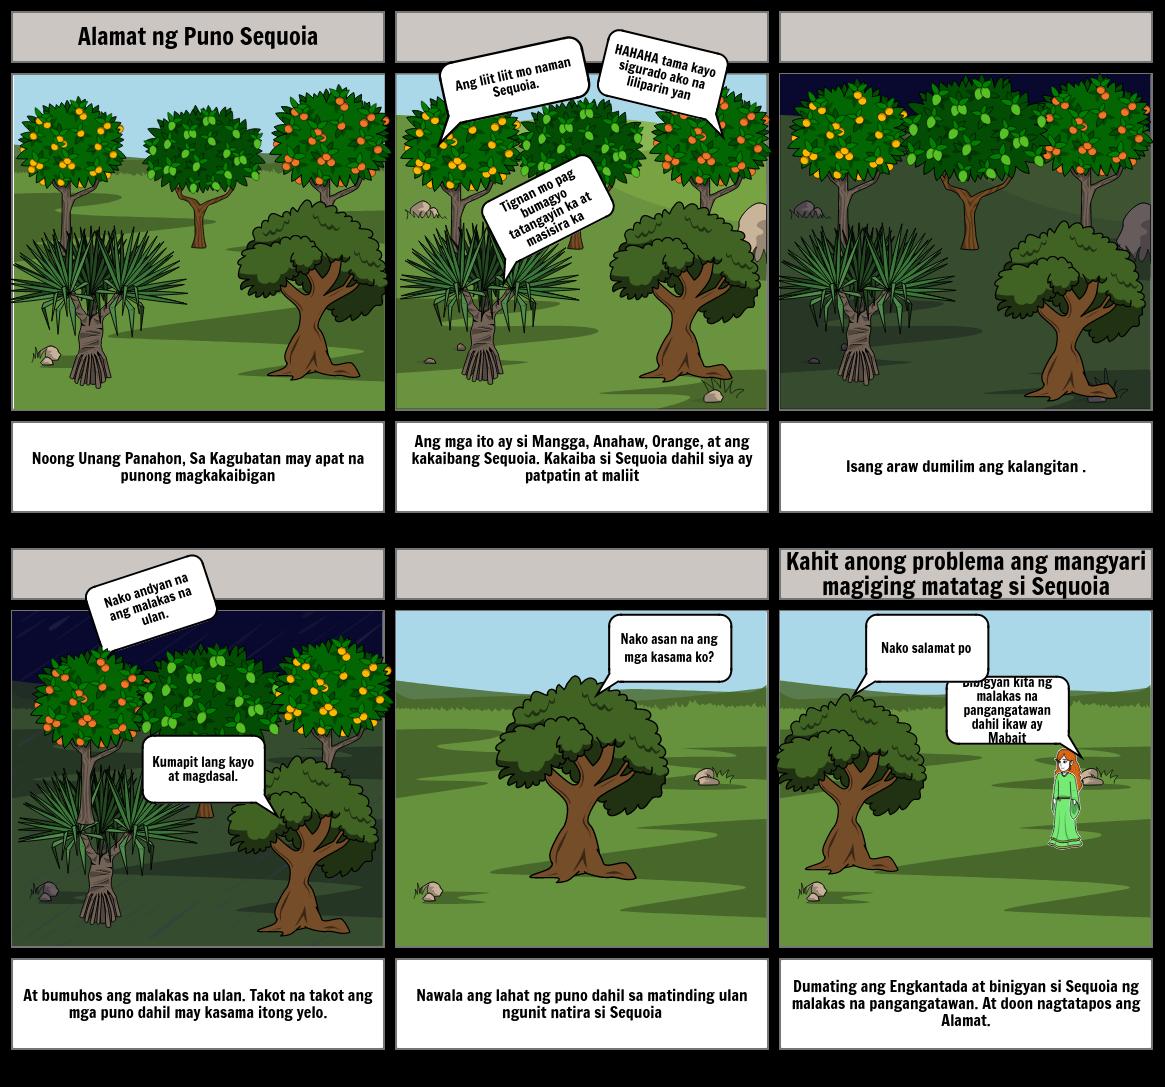 Alamat ng Puno ng Sequoia                    Akda ni:Lance Pingan